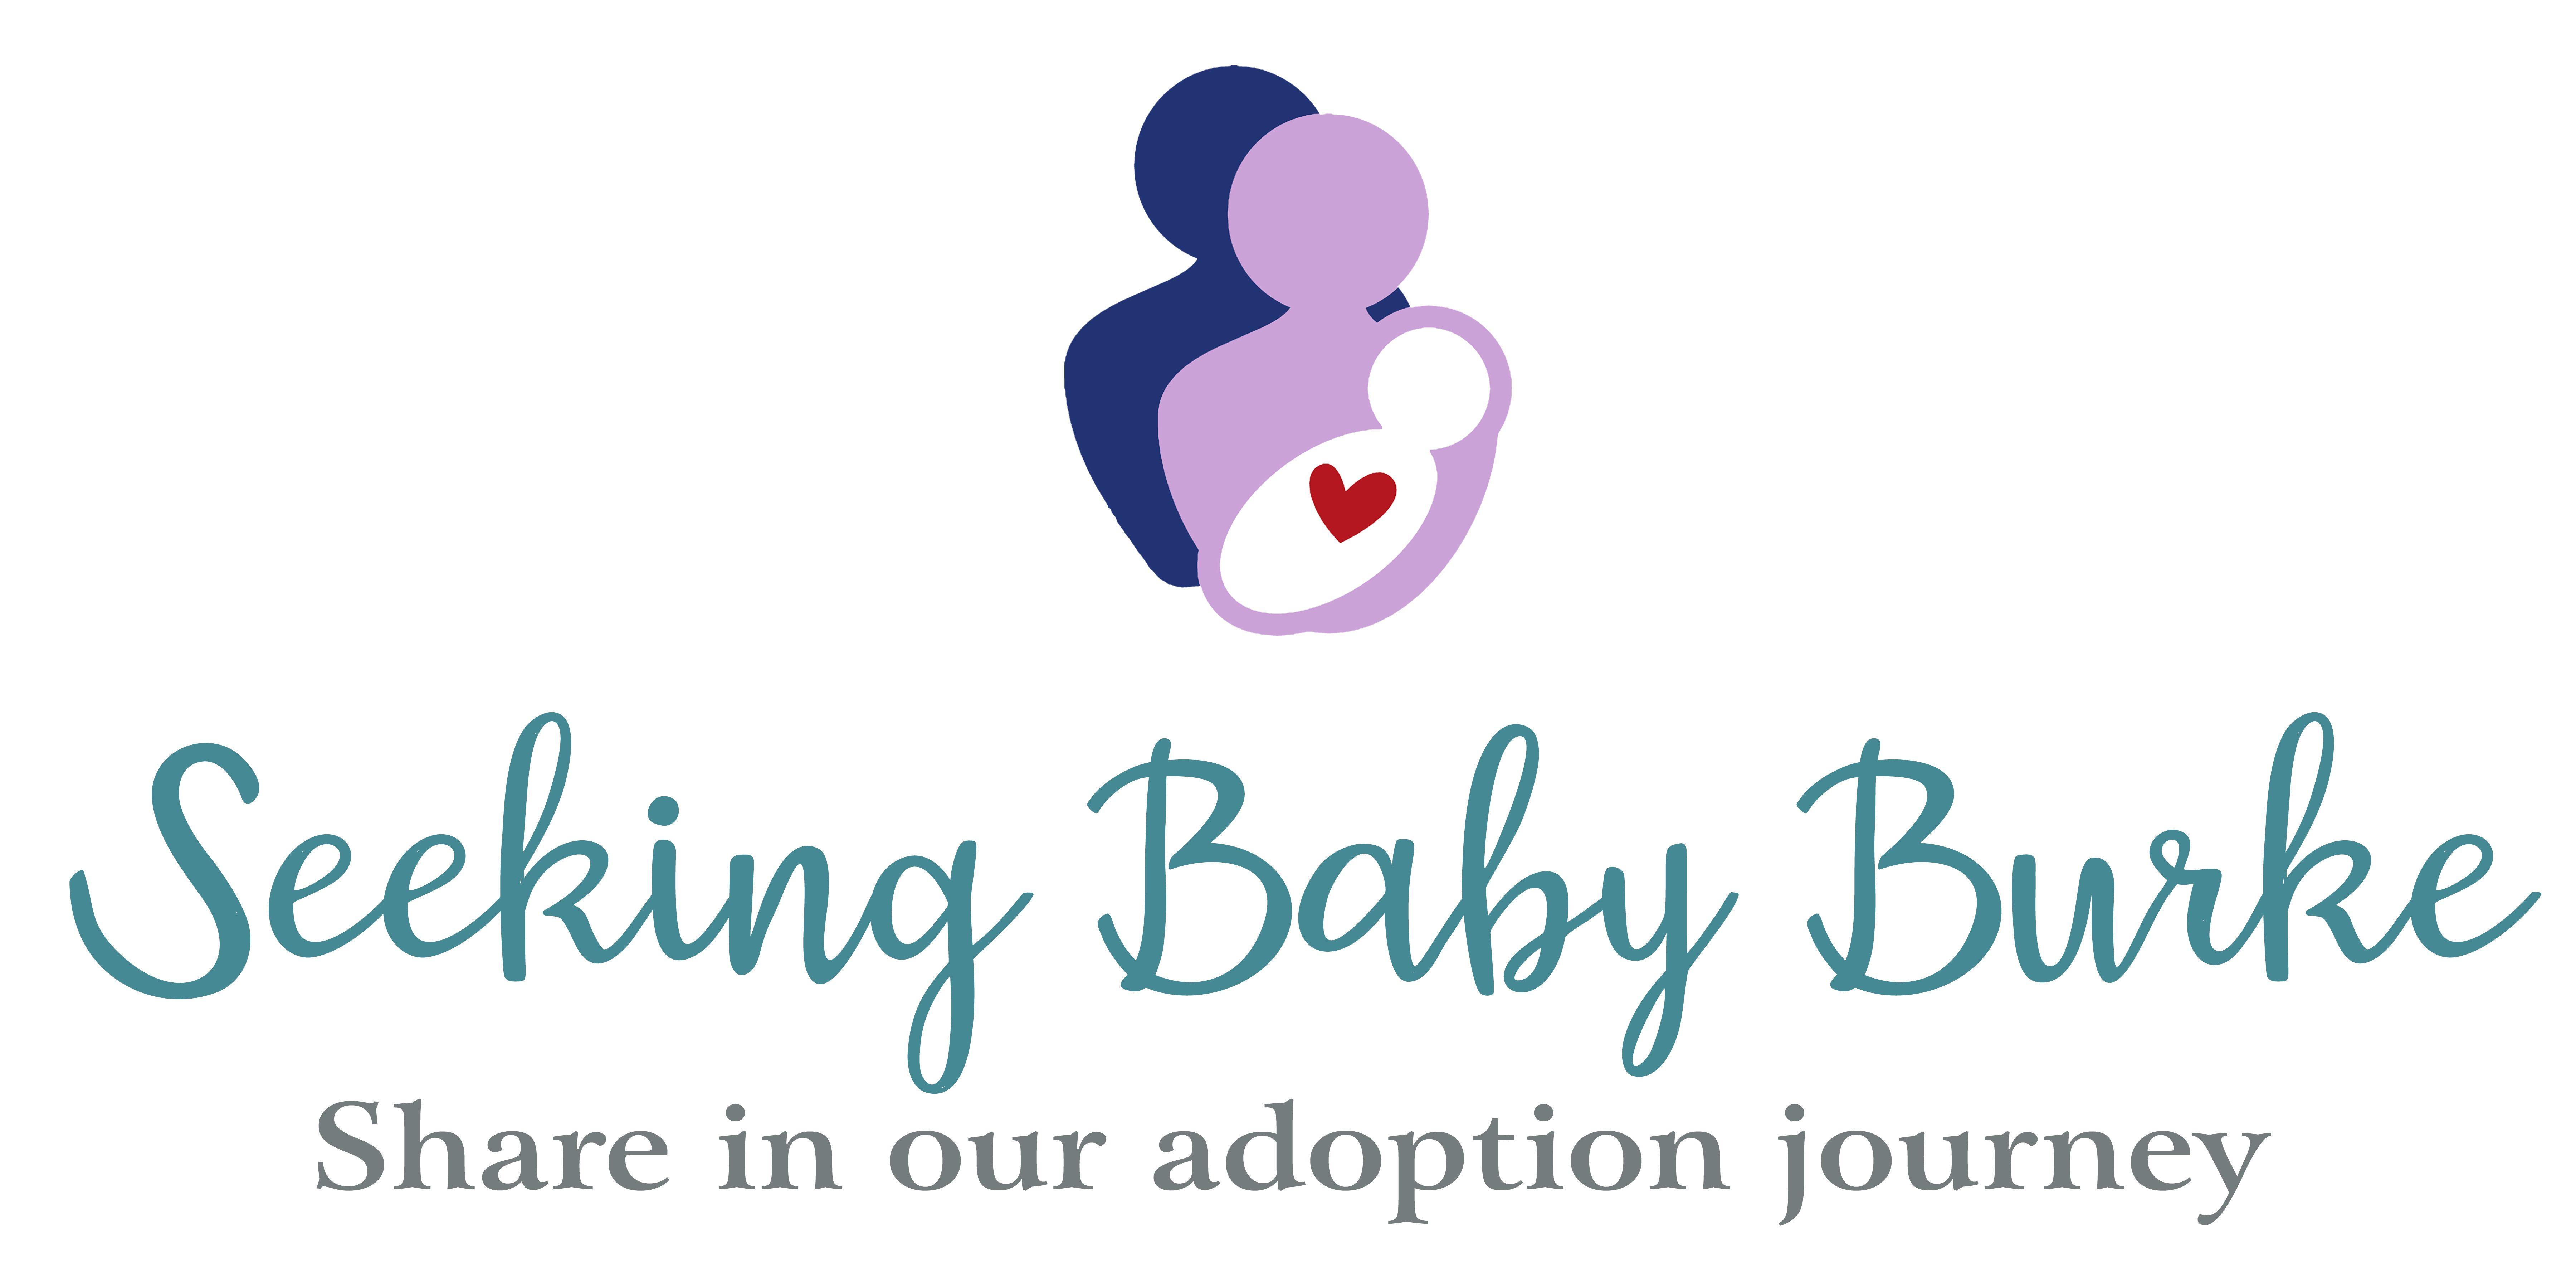 Seeking Baby Burke